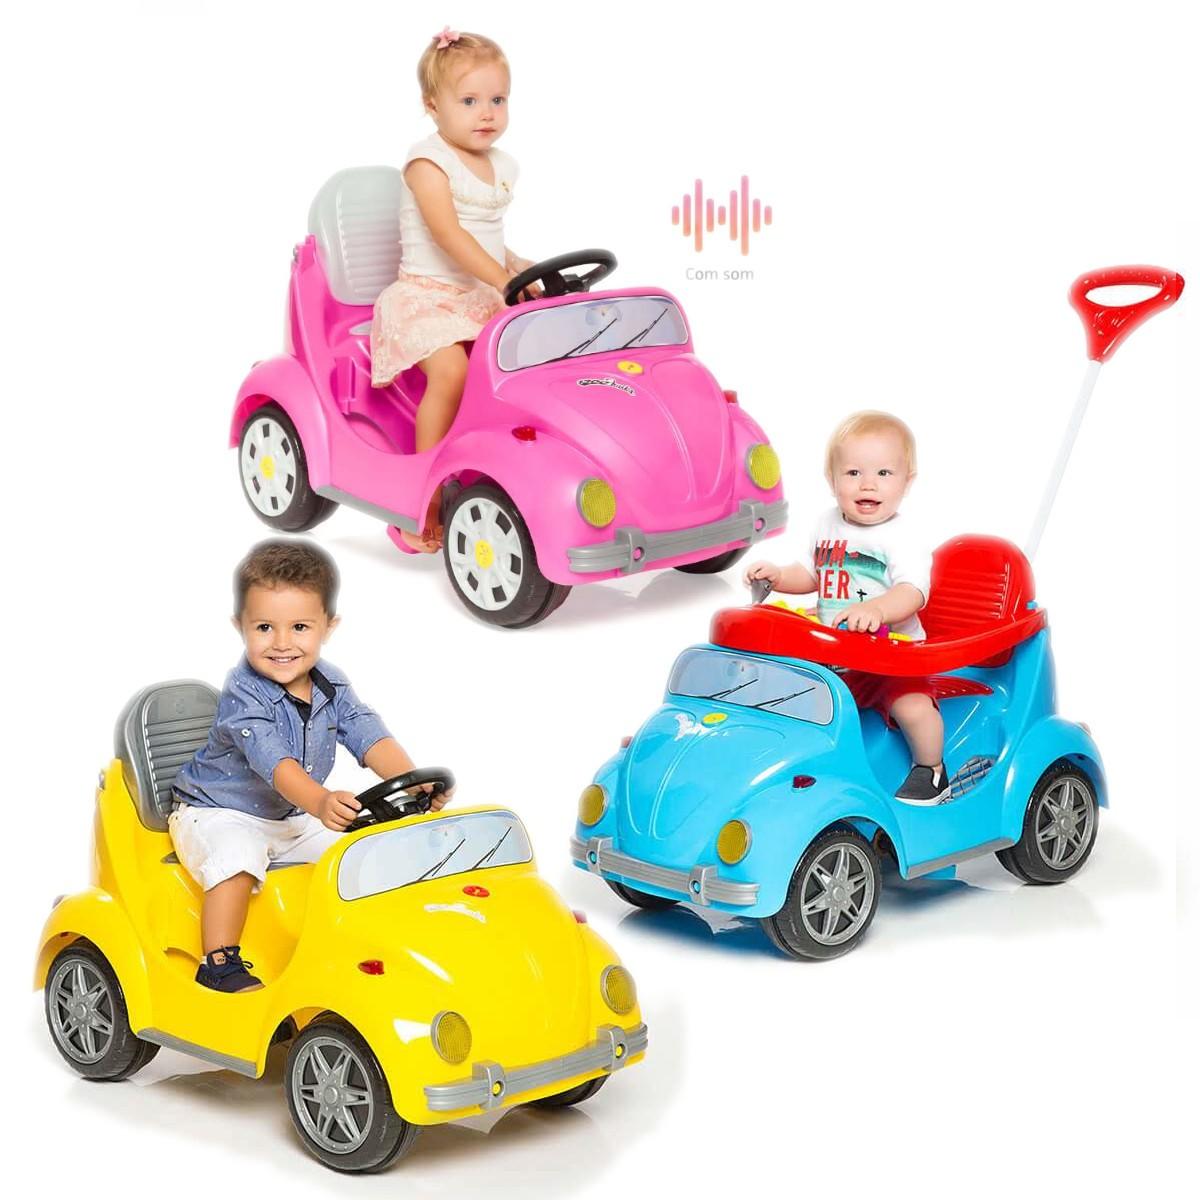 Carrinho Passeio Infantil Pedal Empurrador 1300 Fouks